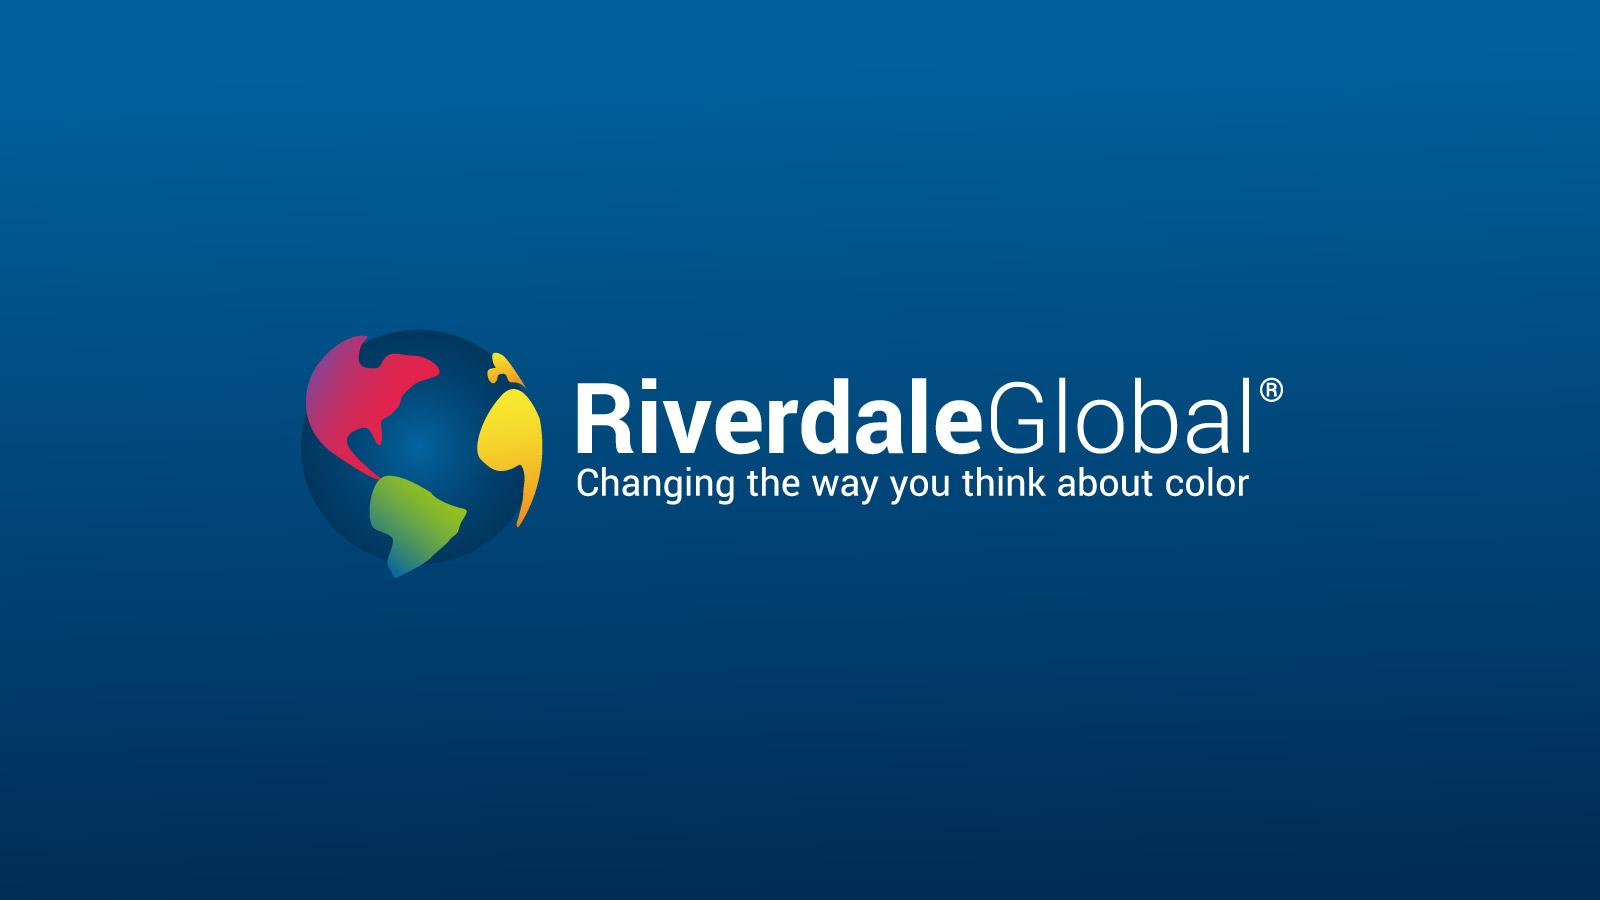 Riverdale Global branding logo design.